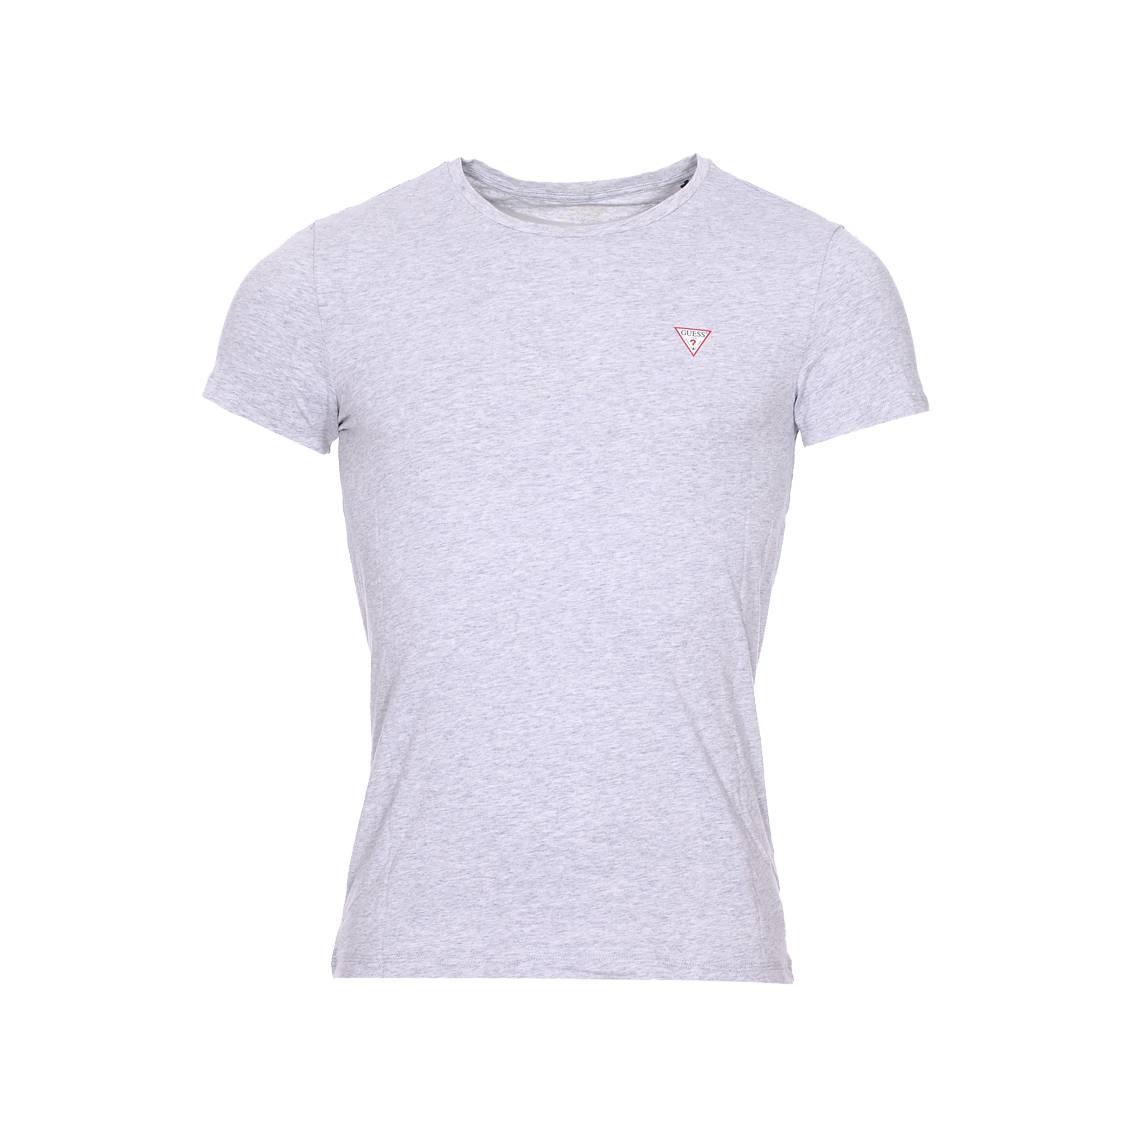 Tee-shirt col rond guess en coton stretch gris chiné à logo